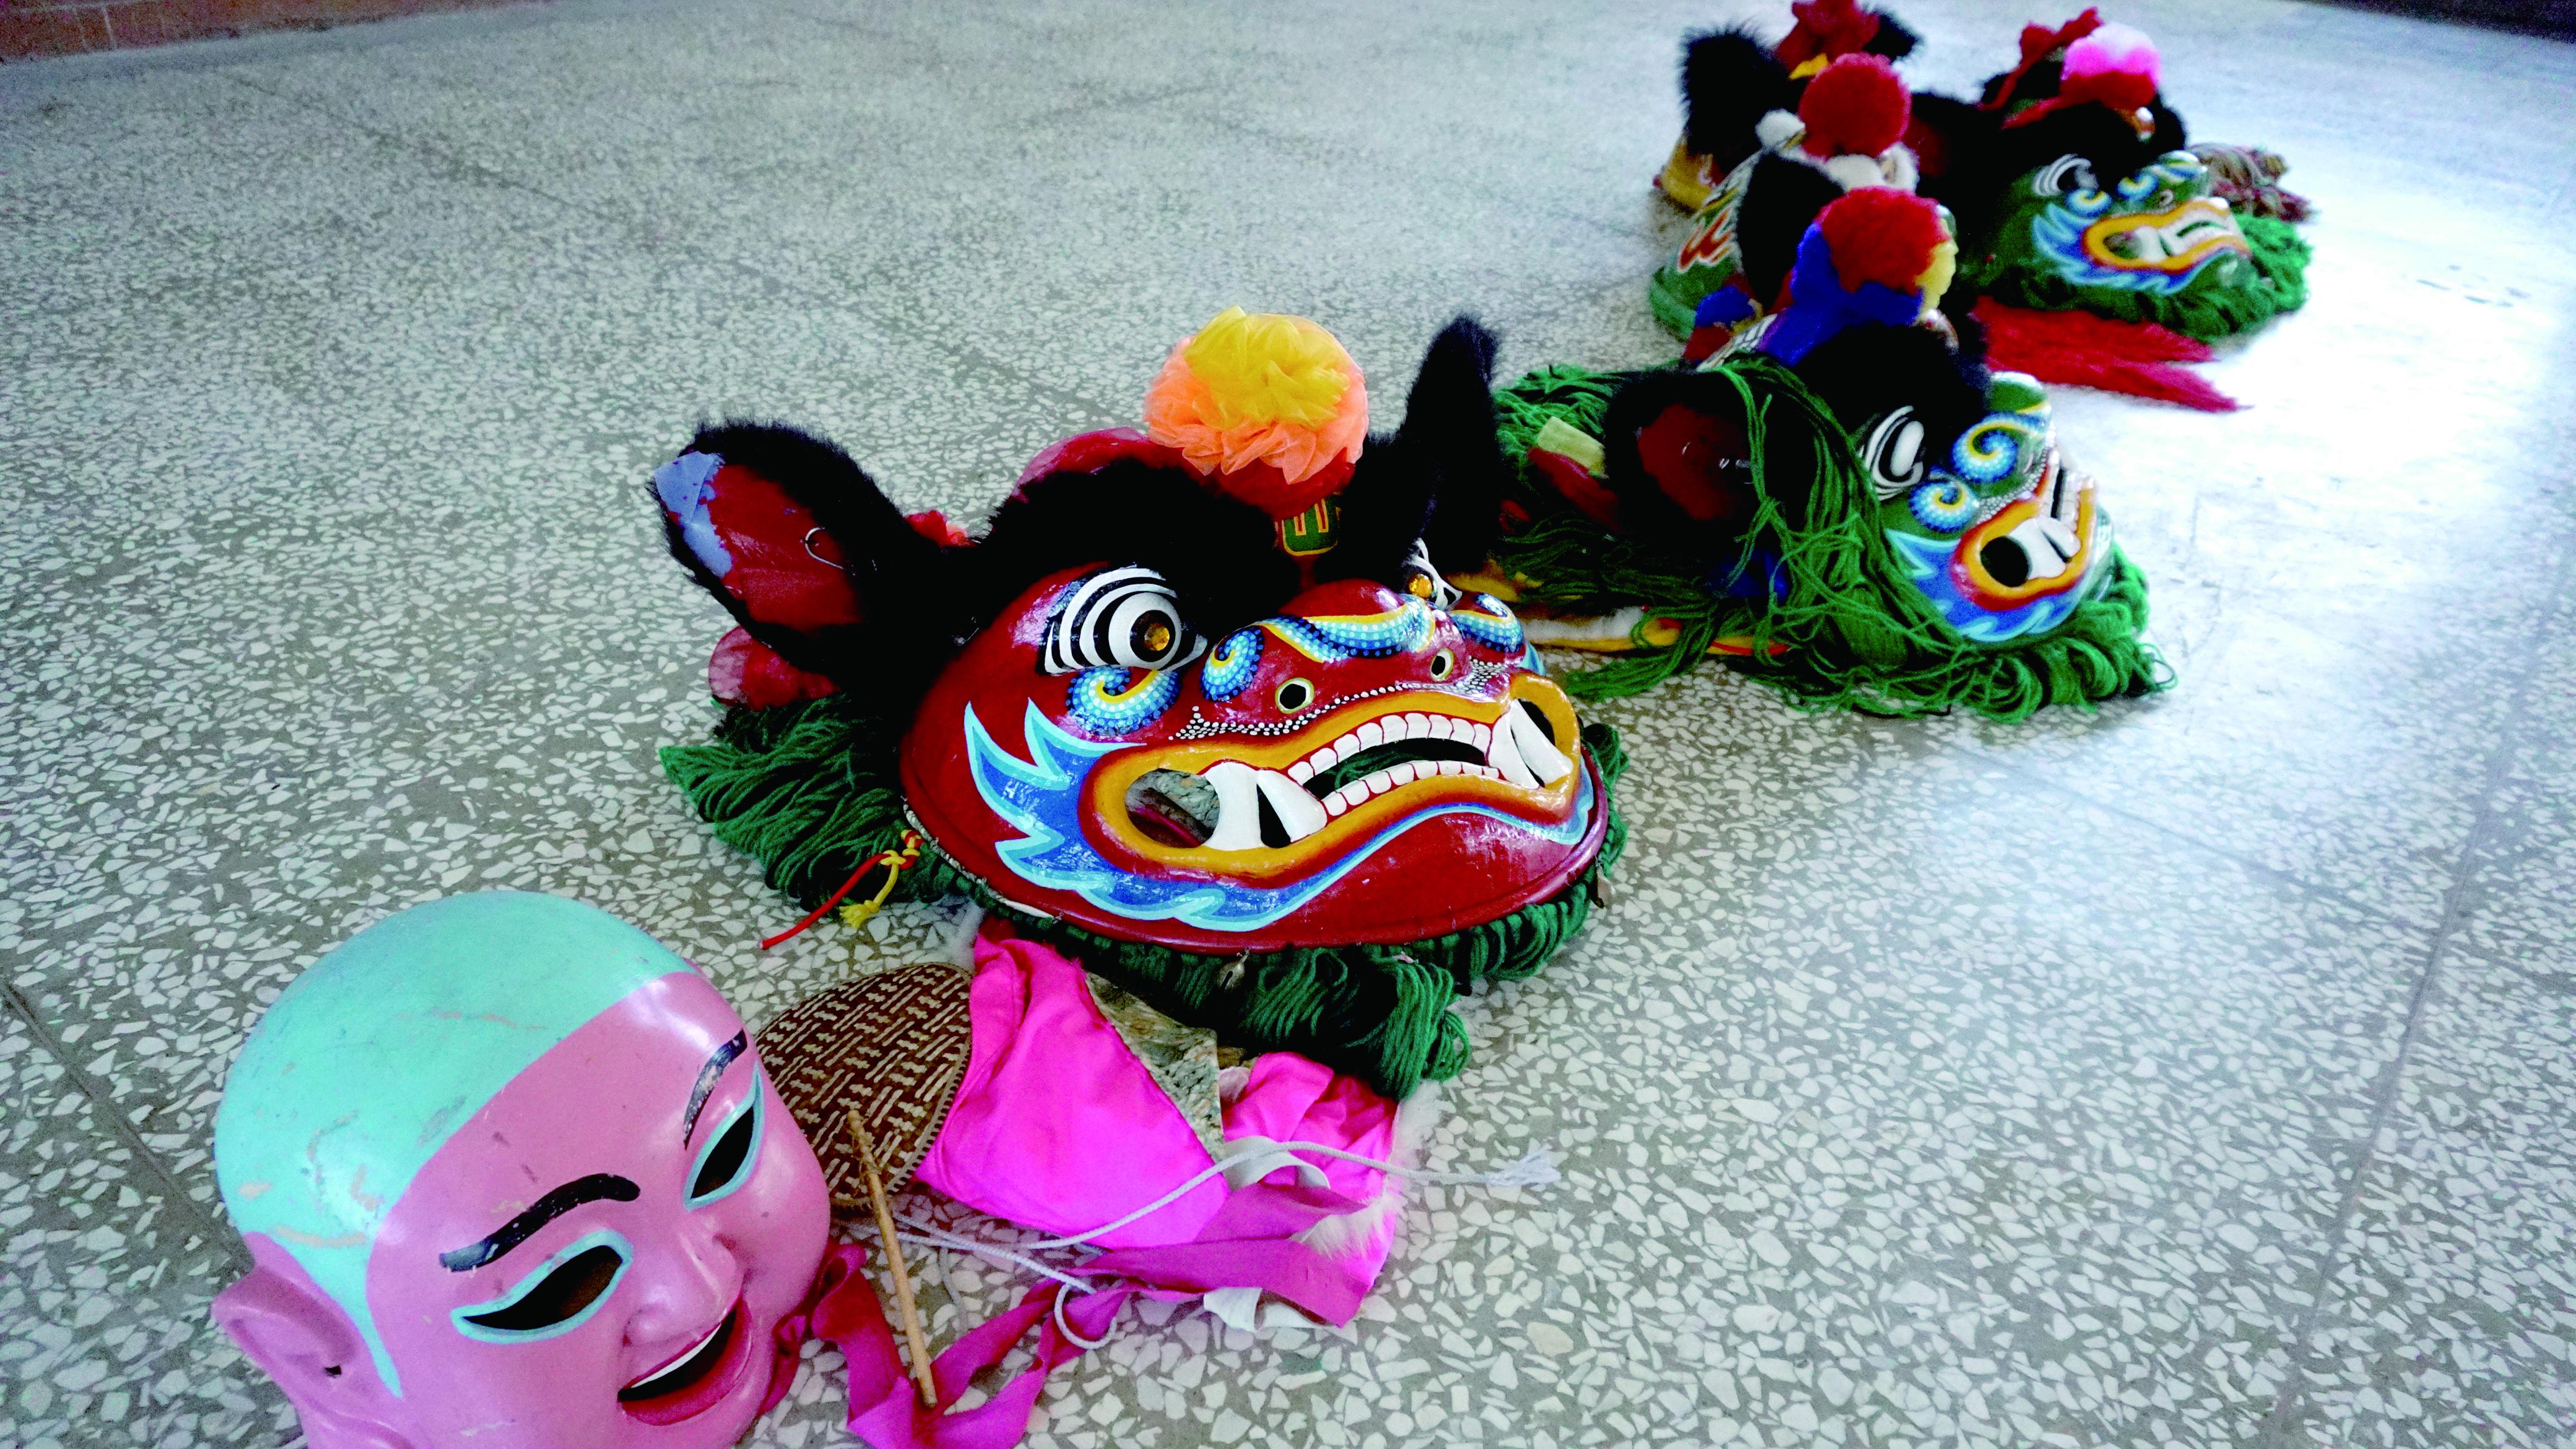 圖6 出陣時由隊員打扮成龍、鳳、獅三種靈獸,加上獅童弄獅穿插其中,配合傳統樂器對陣鬥藝。.JPG